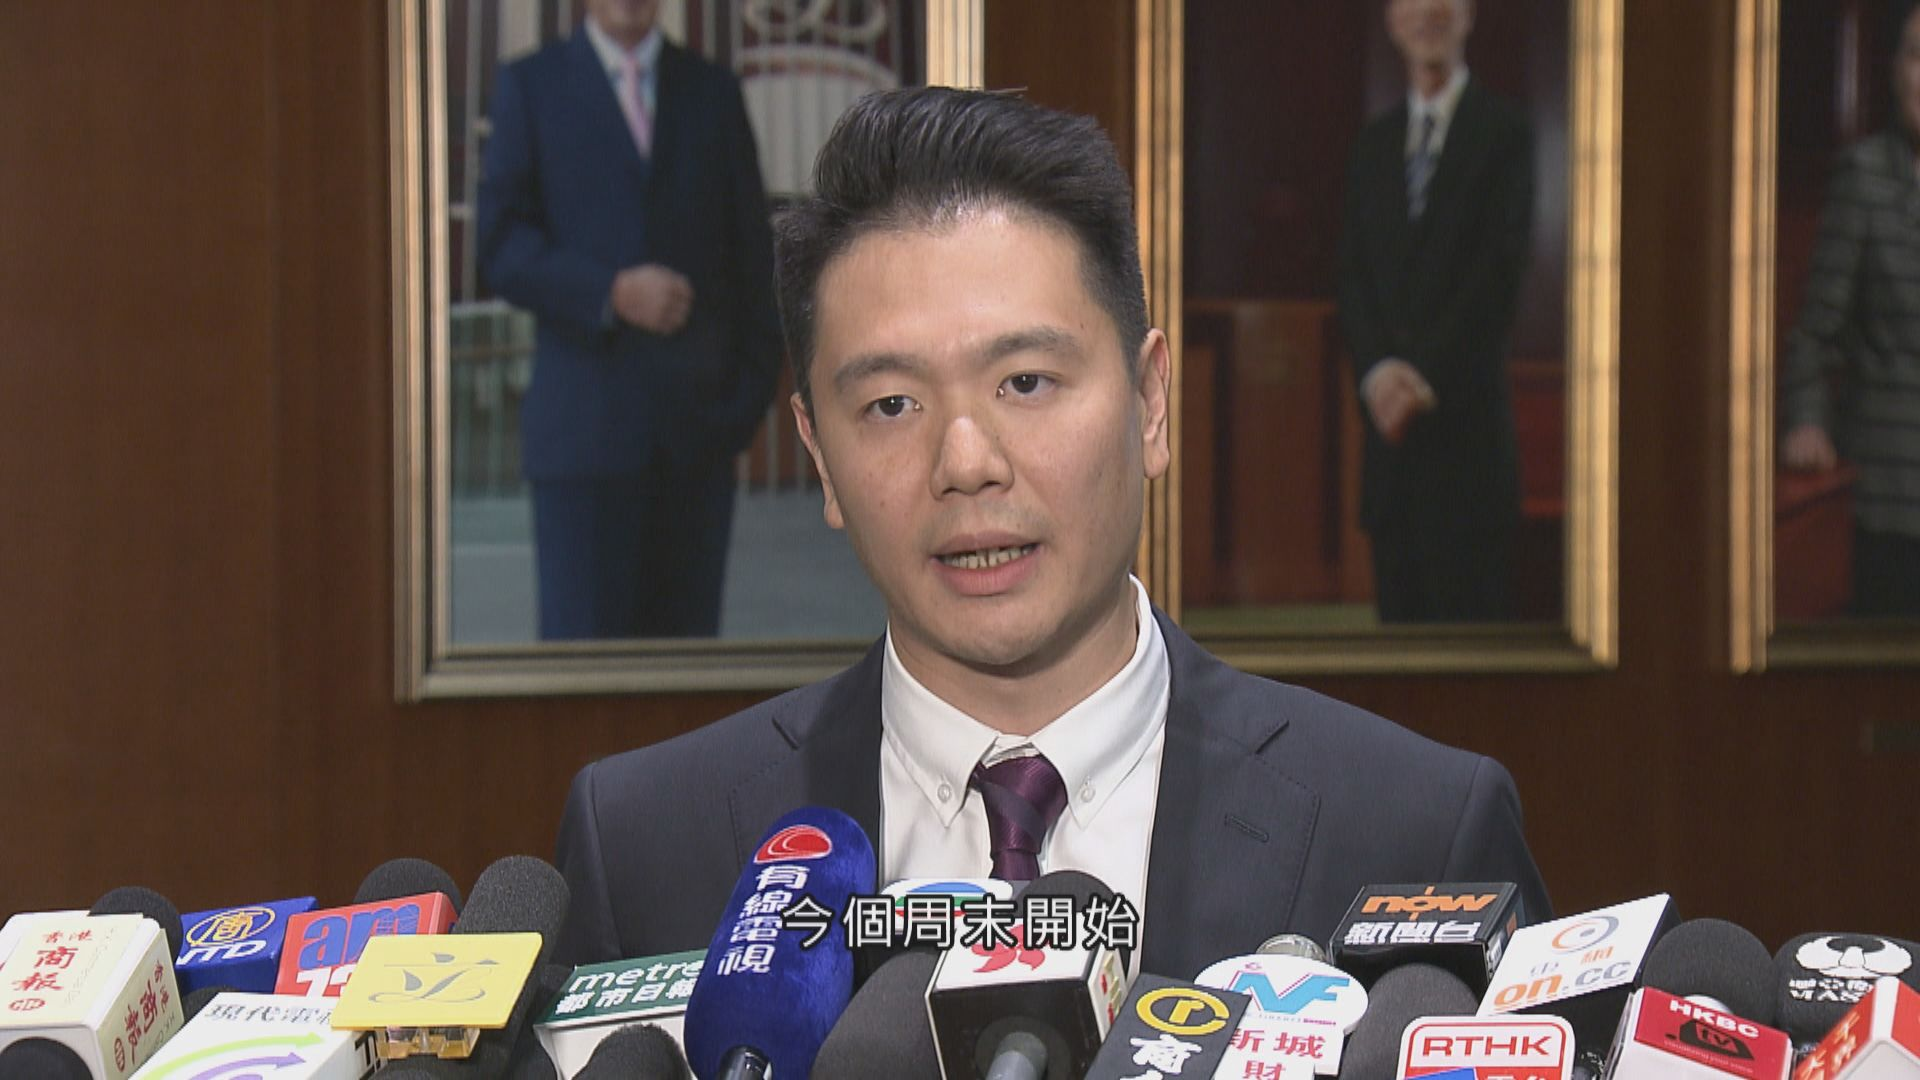 周浩鼎:政府周六起推新措施分流東涌旅客